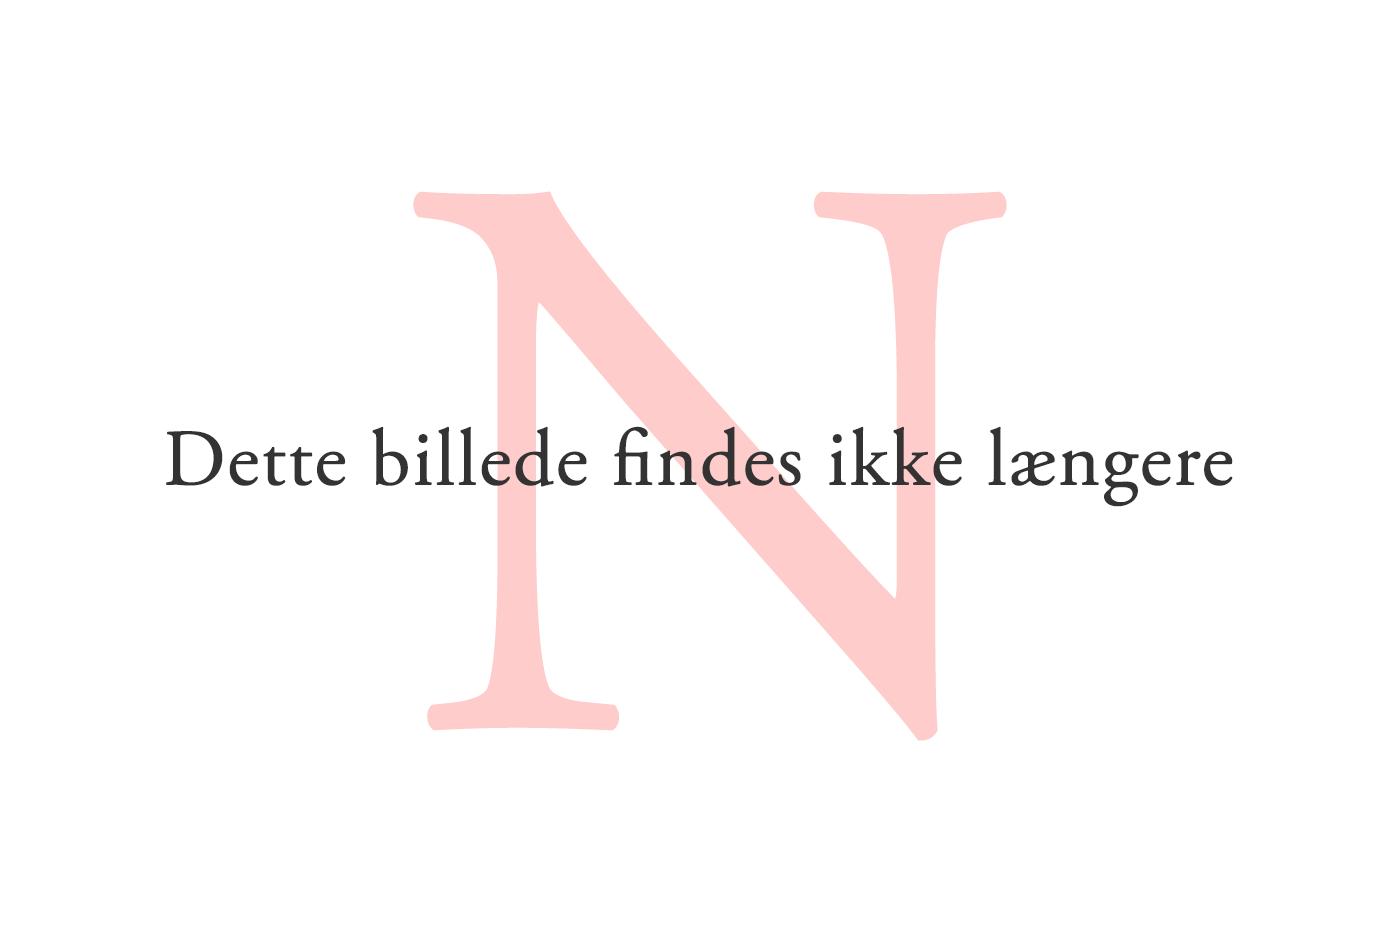 Eksperter kritiserer sladreordning i Roskilde Kommune